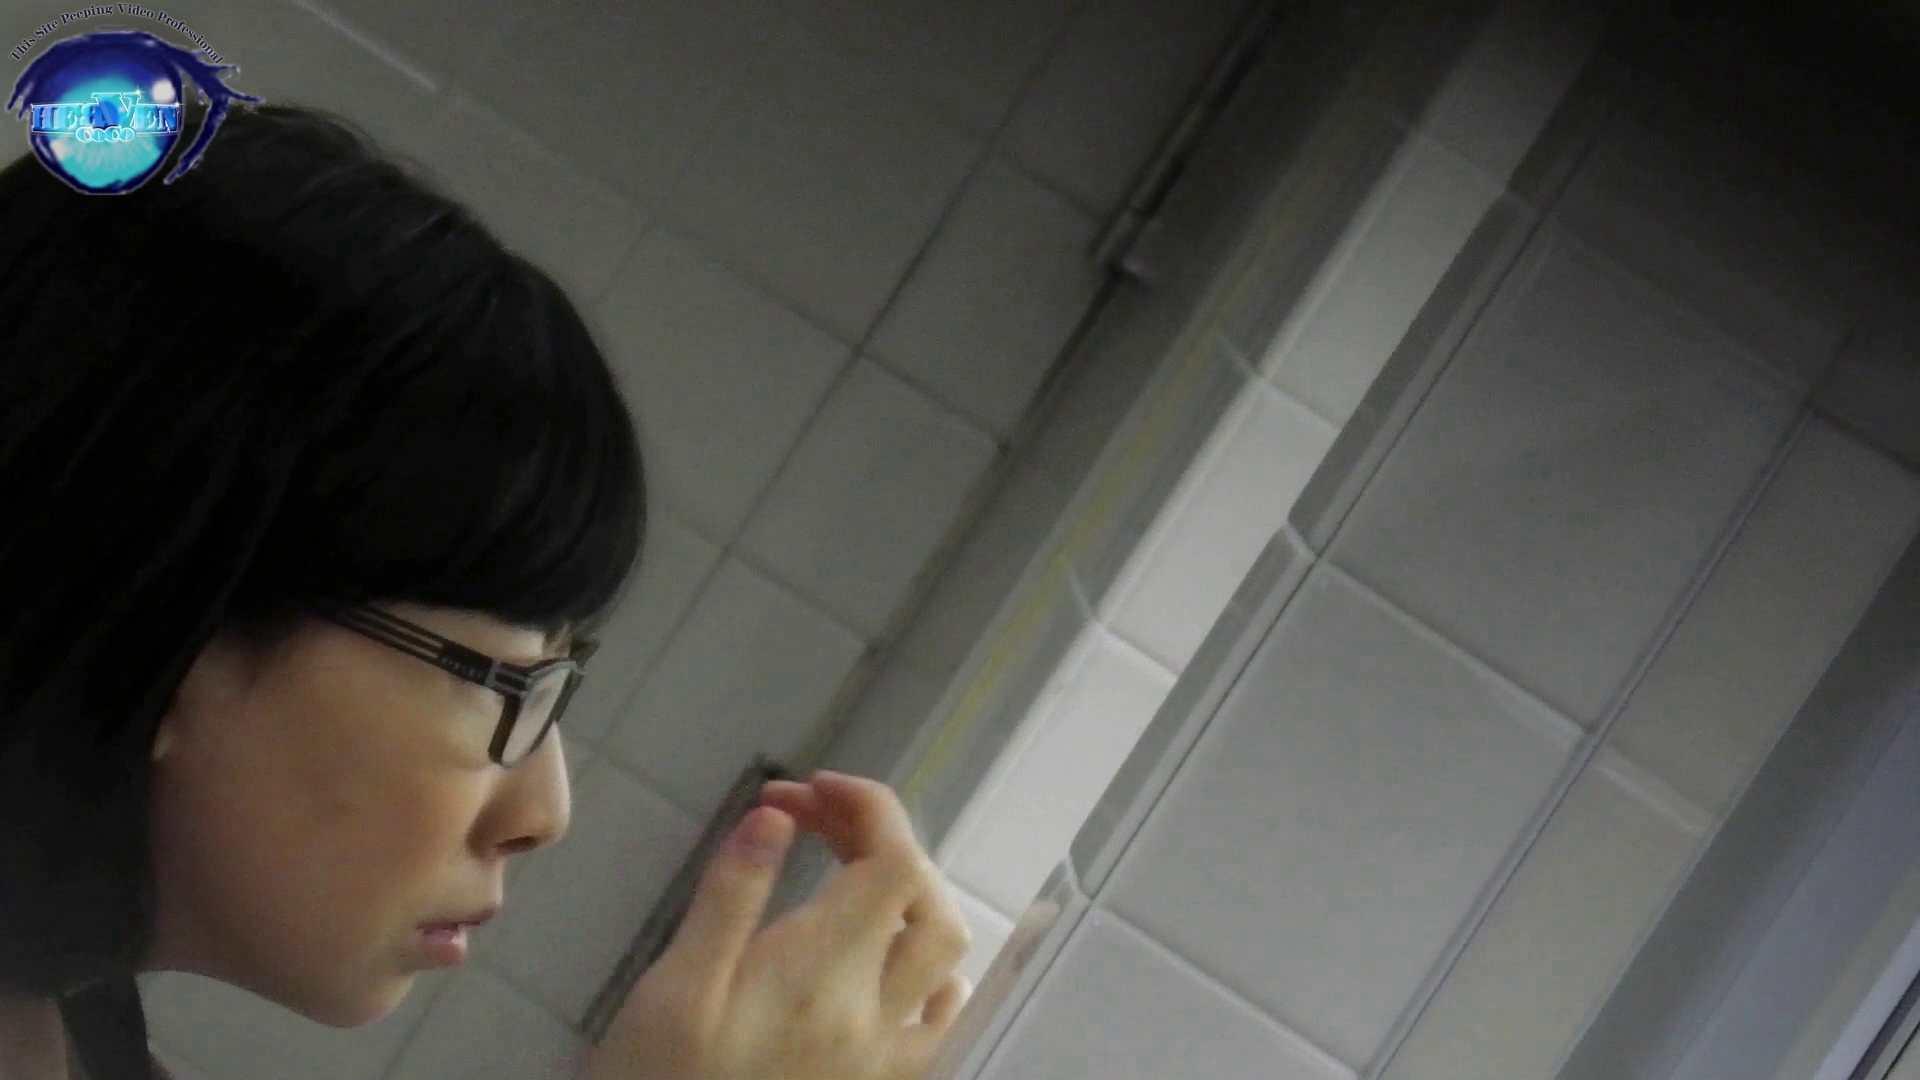 お銀さん vol.59 ピンチ!!「鏡の前で祈る女性」にばれる危機 前編 HなOL ヌード画像 96pic 26